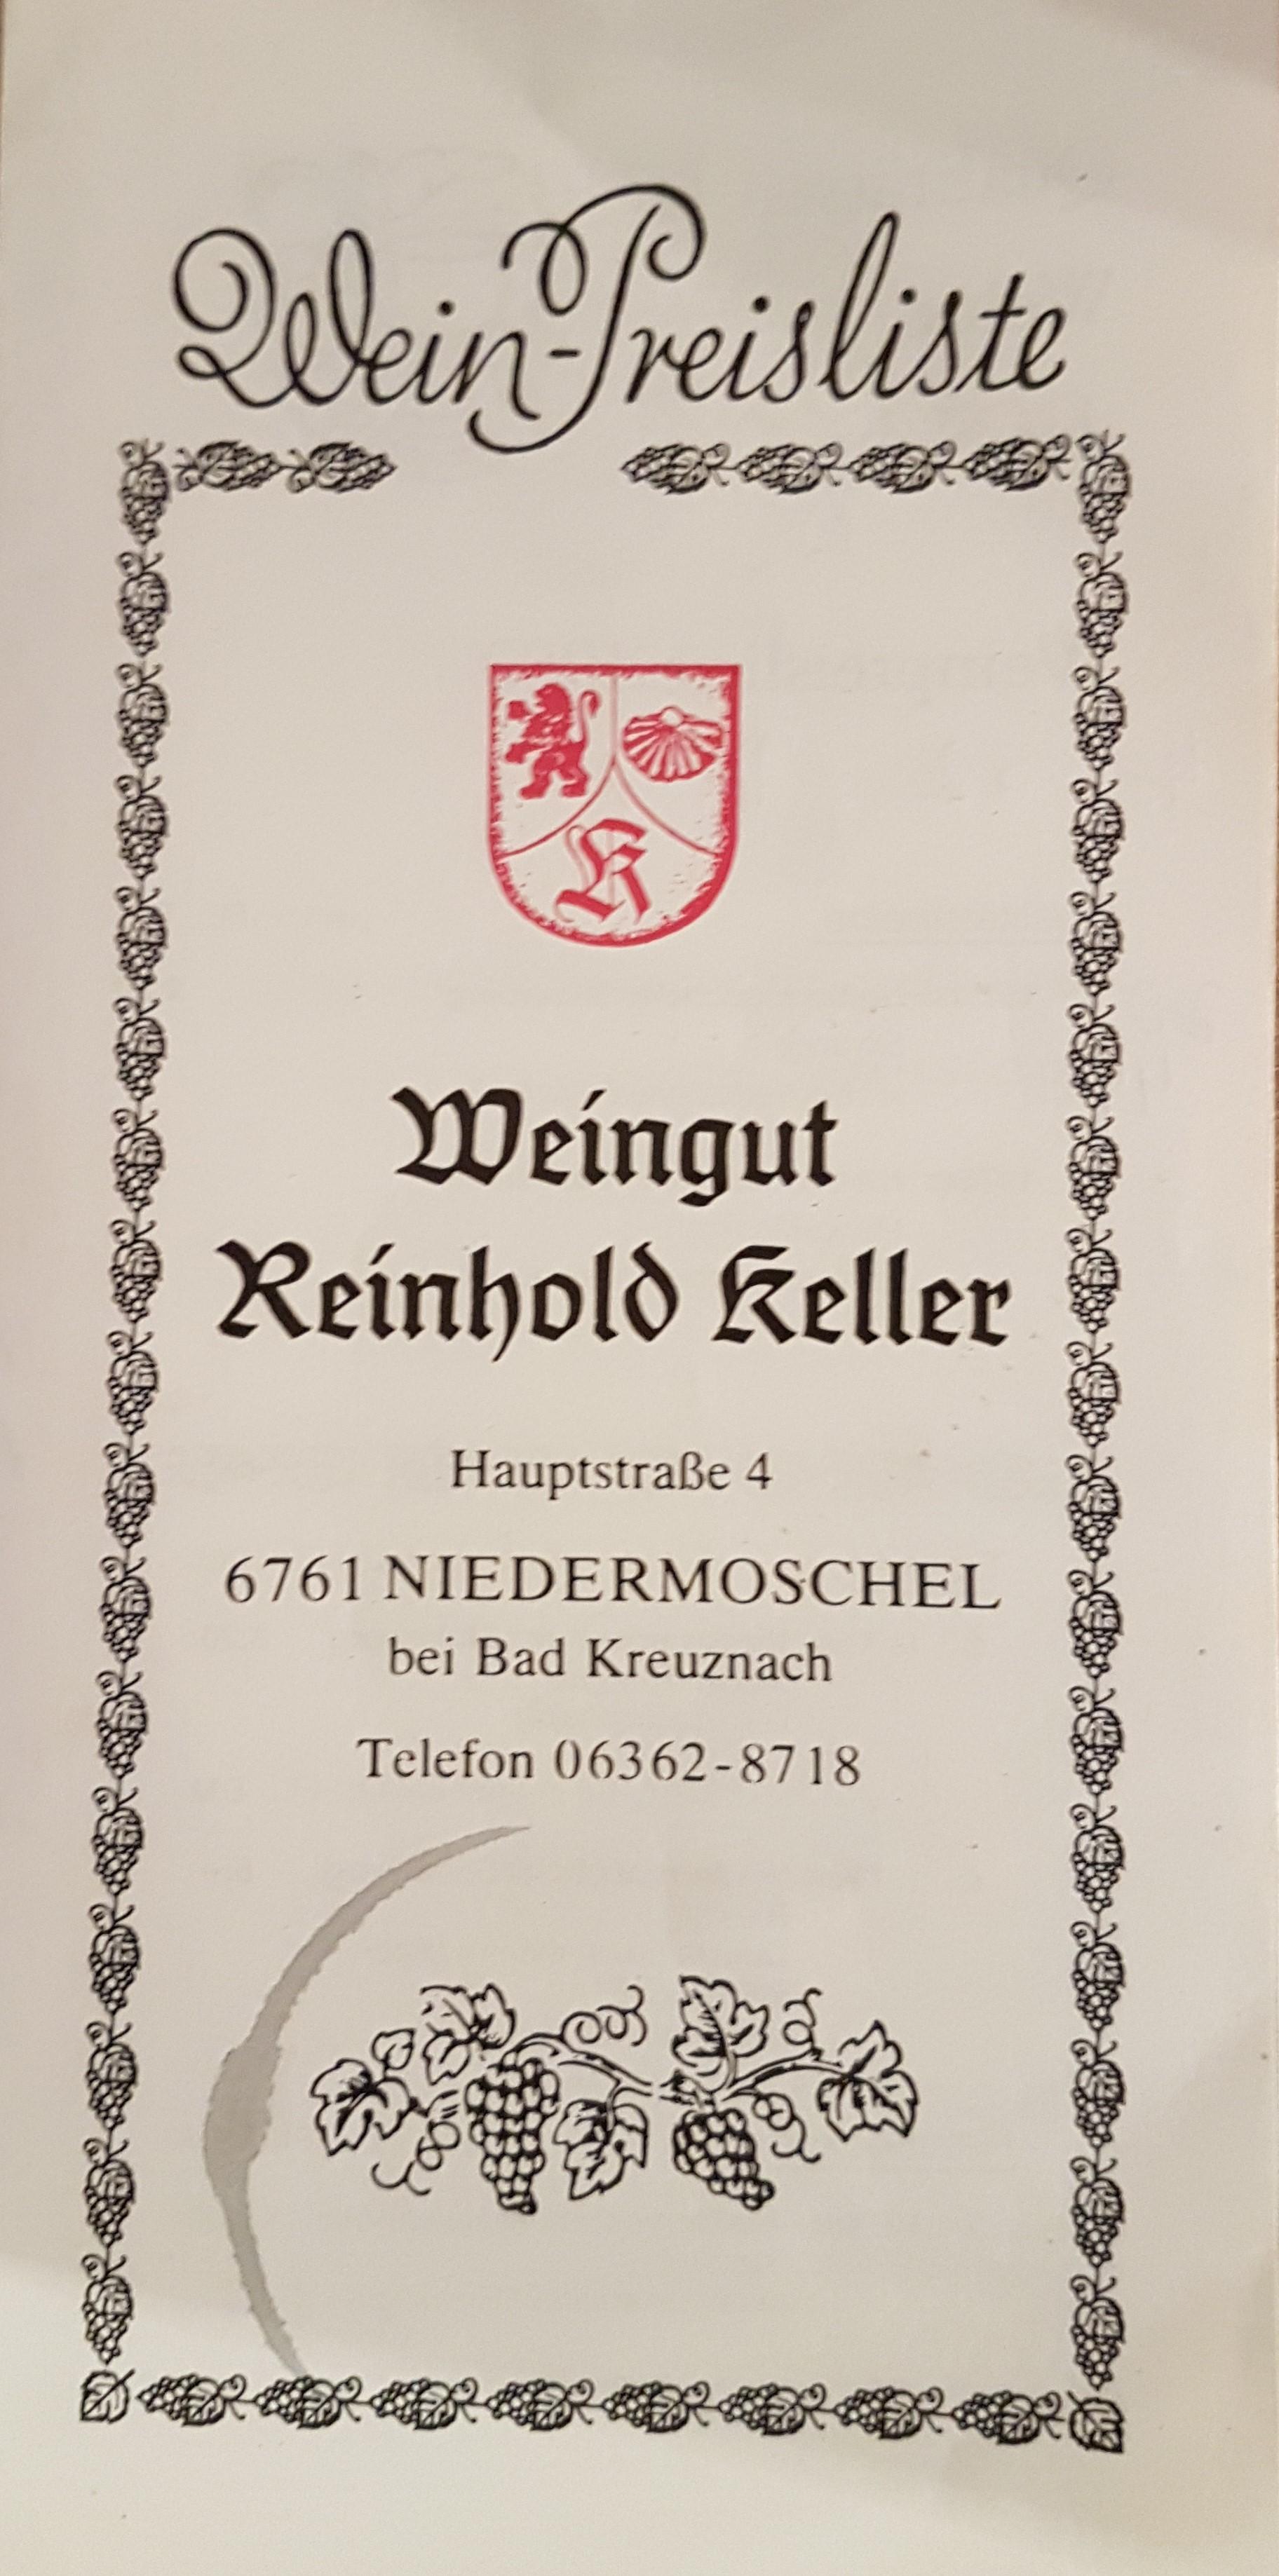 Weinpreisliste 1980